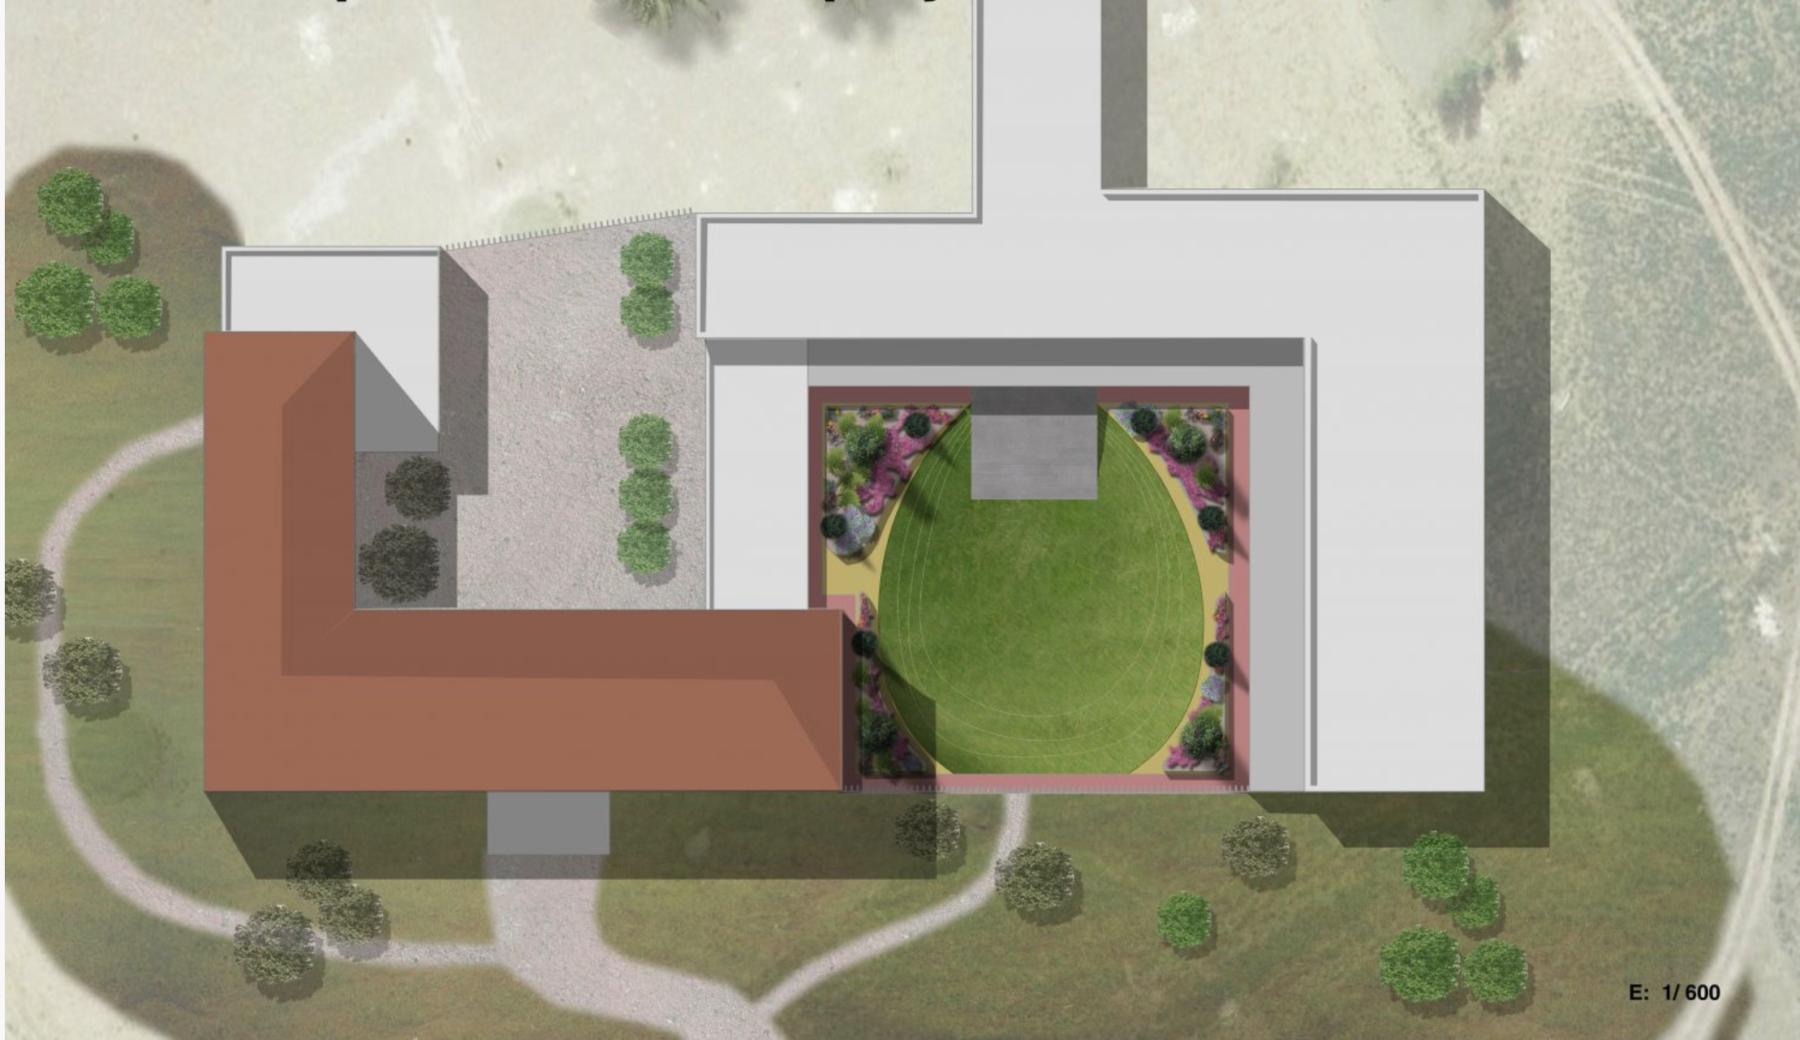 Proyecto de paisajismo corporativo en Casa Fontes, Museo de la Villa, Murcia